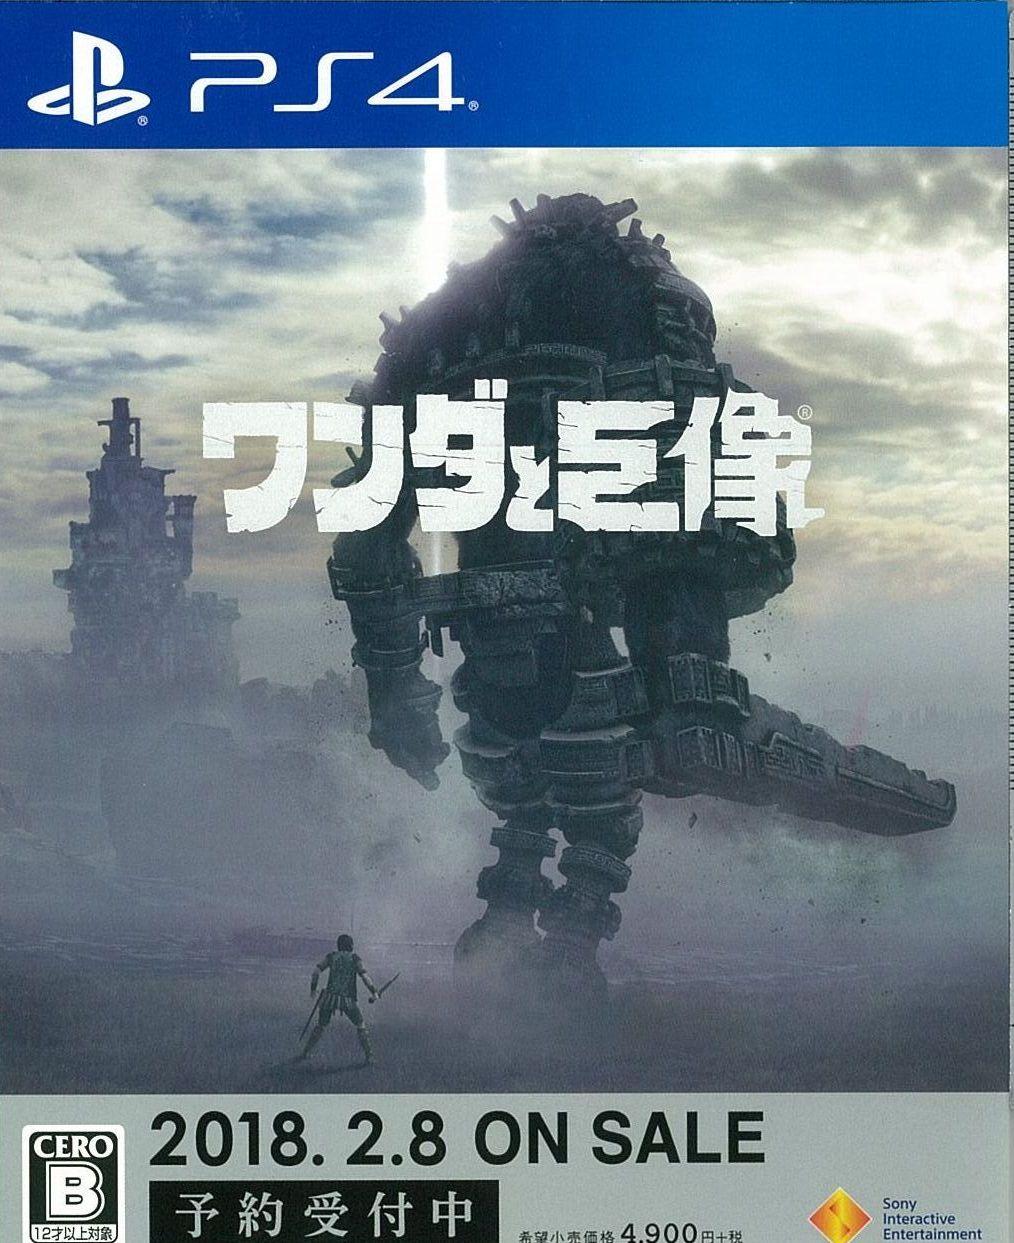 ワンダと巨像 [PS4版]